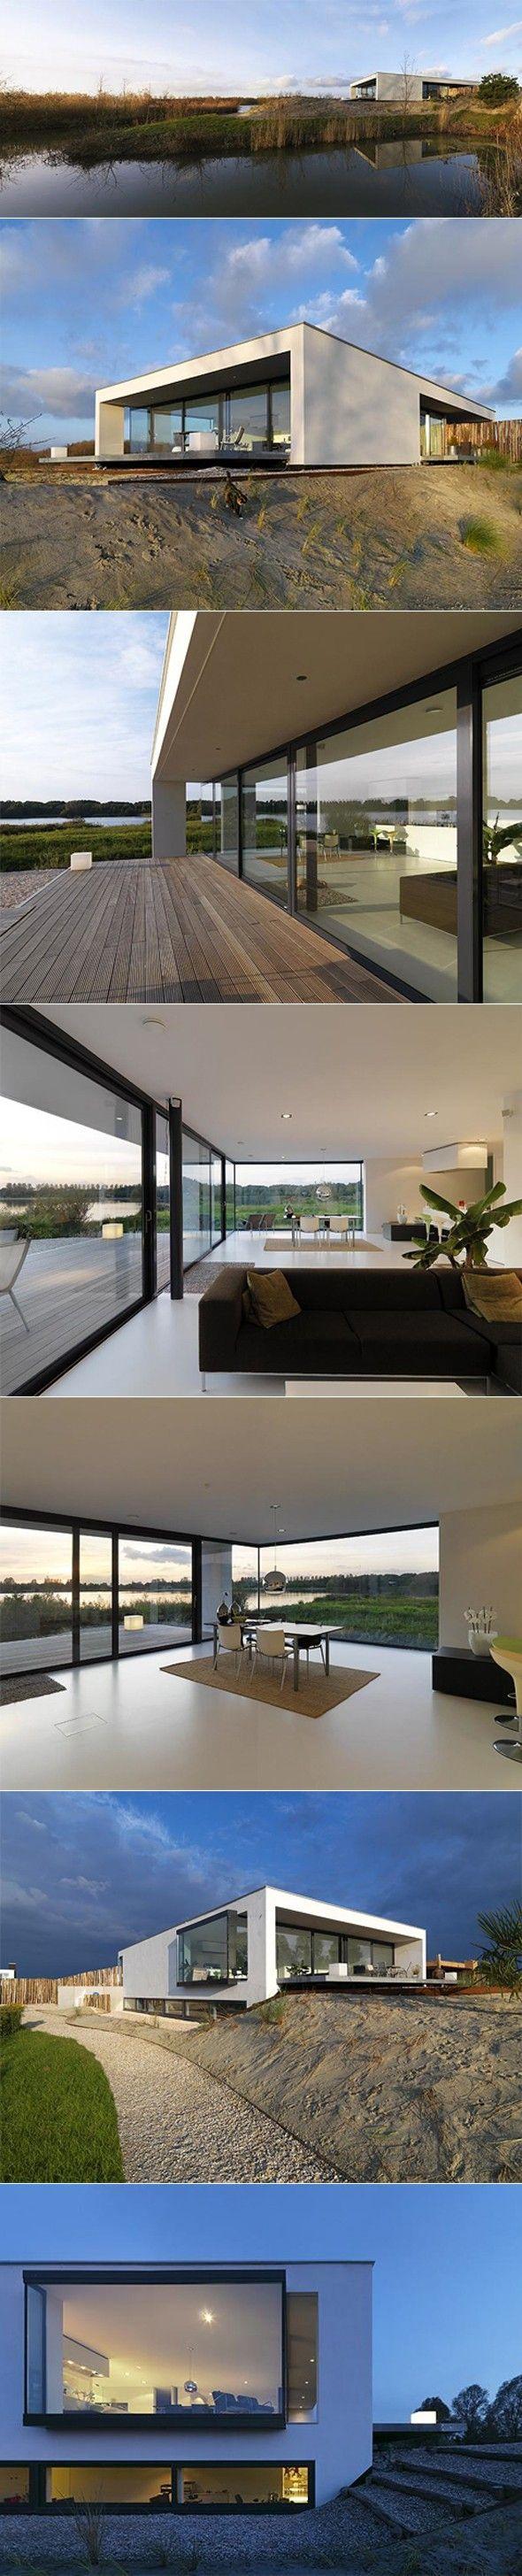 Formes simples - organisation salon - mur vitré en angle - sous sol - Résidence S par Grosfeld van der Velde Architecten - Journal du Design